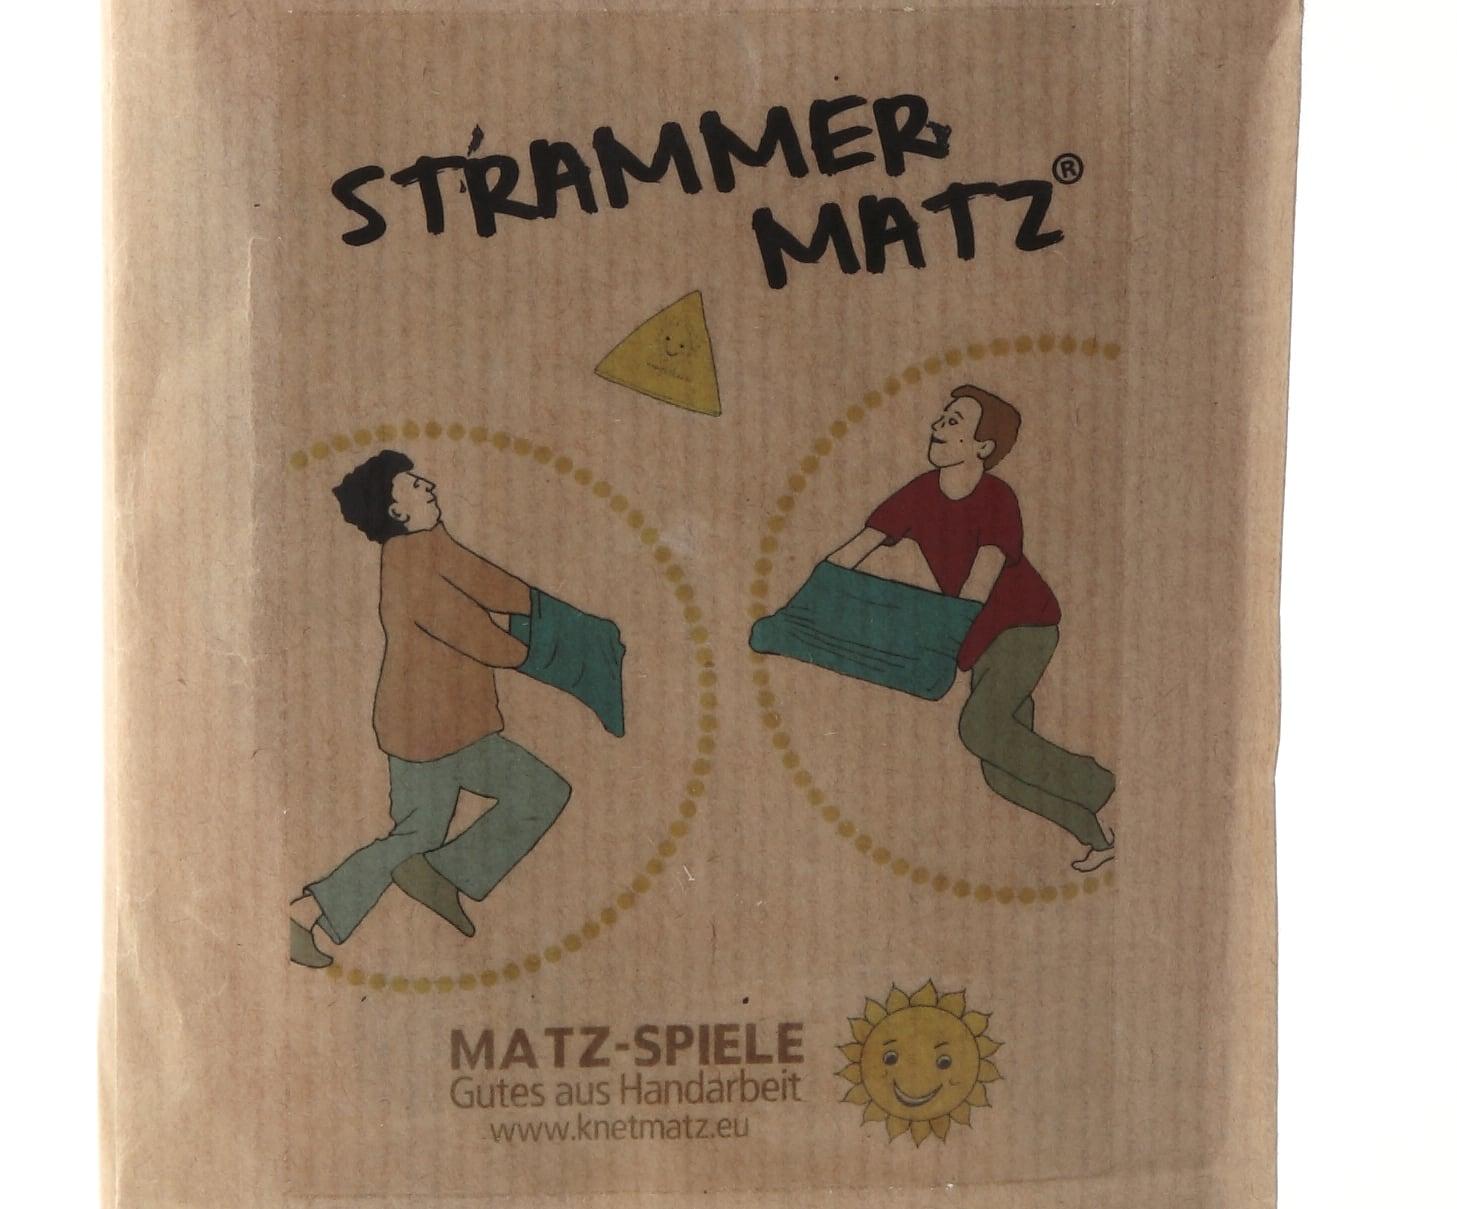 ストラマーマットセット